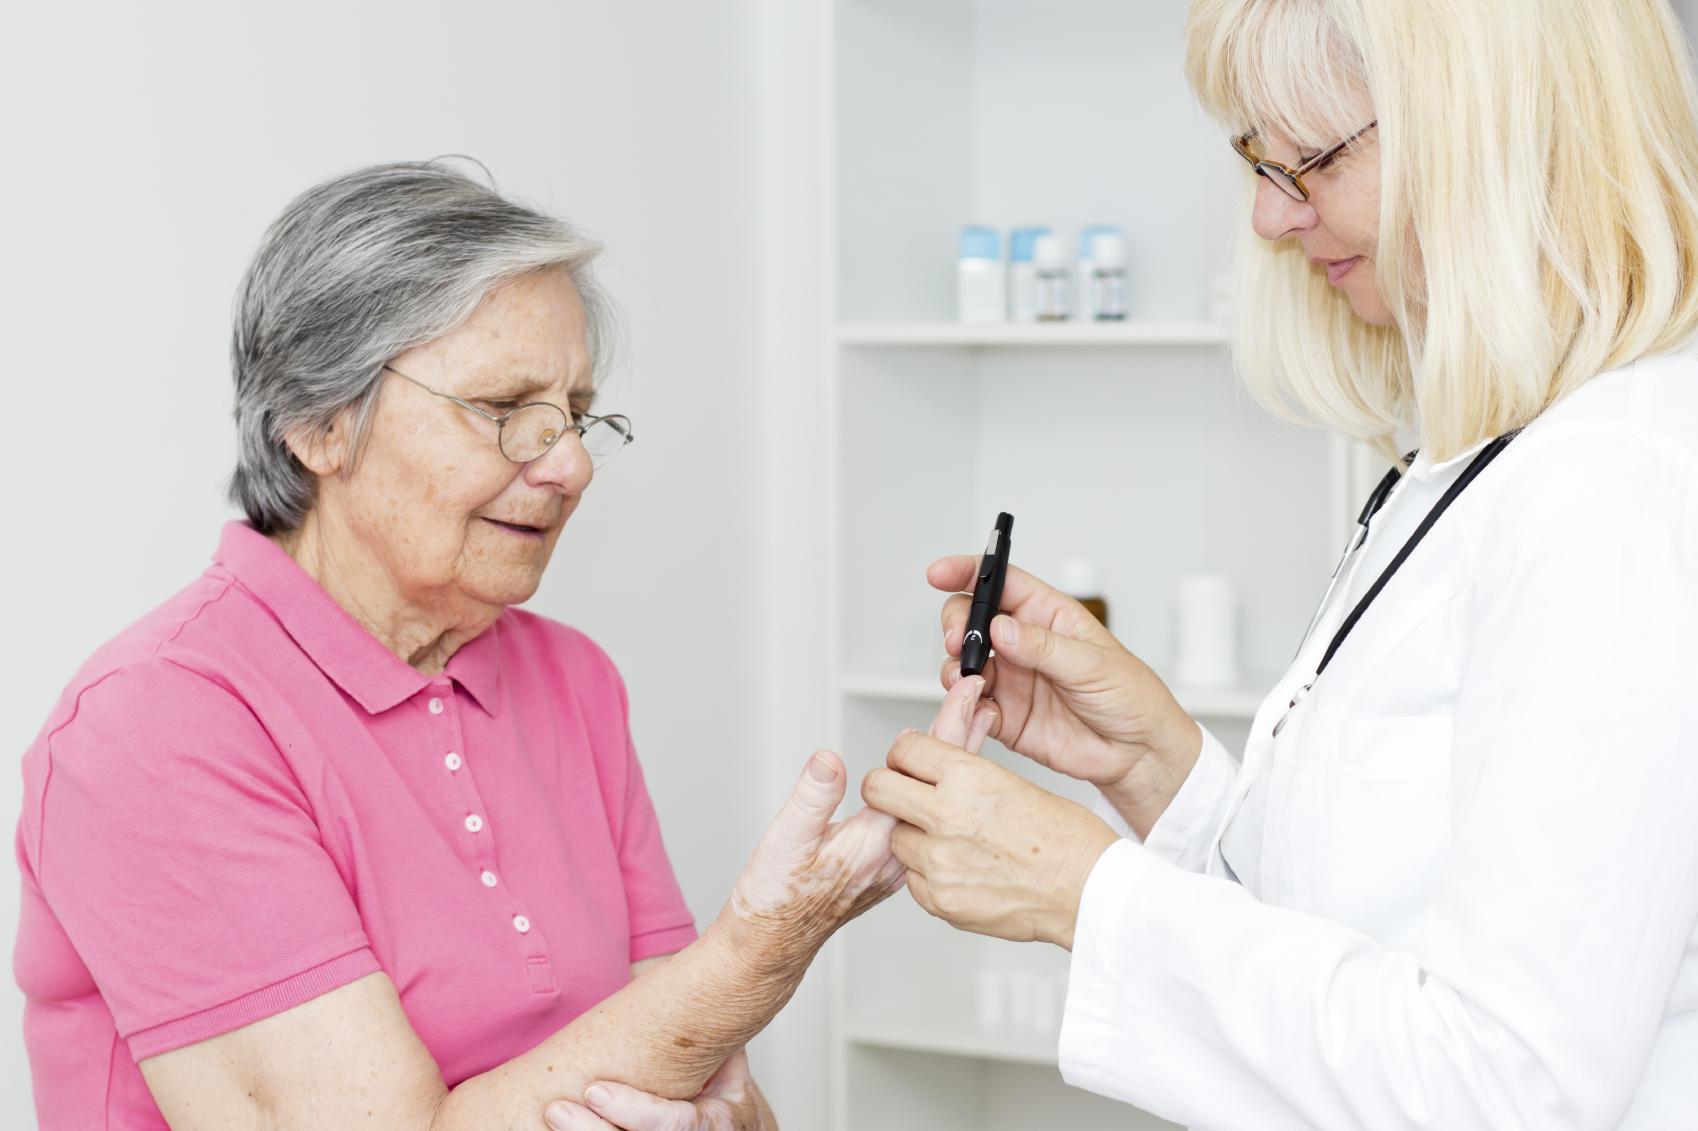 Không tái khám là sai lầm người tiểu đường mắc phải dẫn tới hậu quả nghiêm trọng